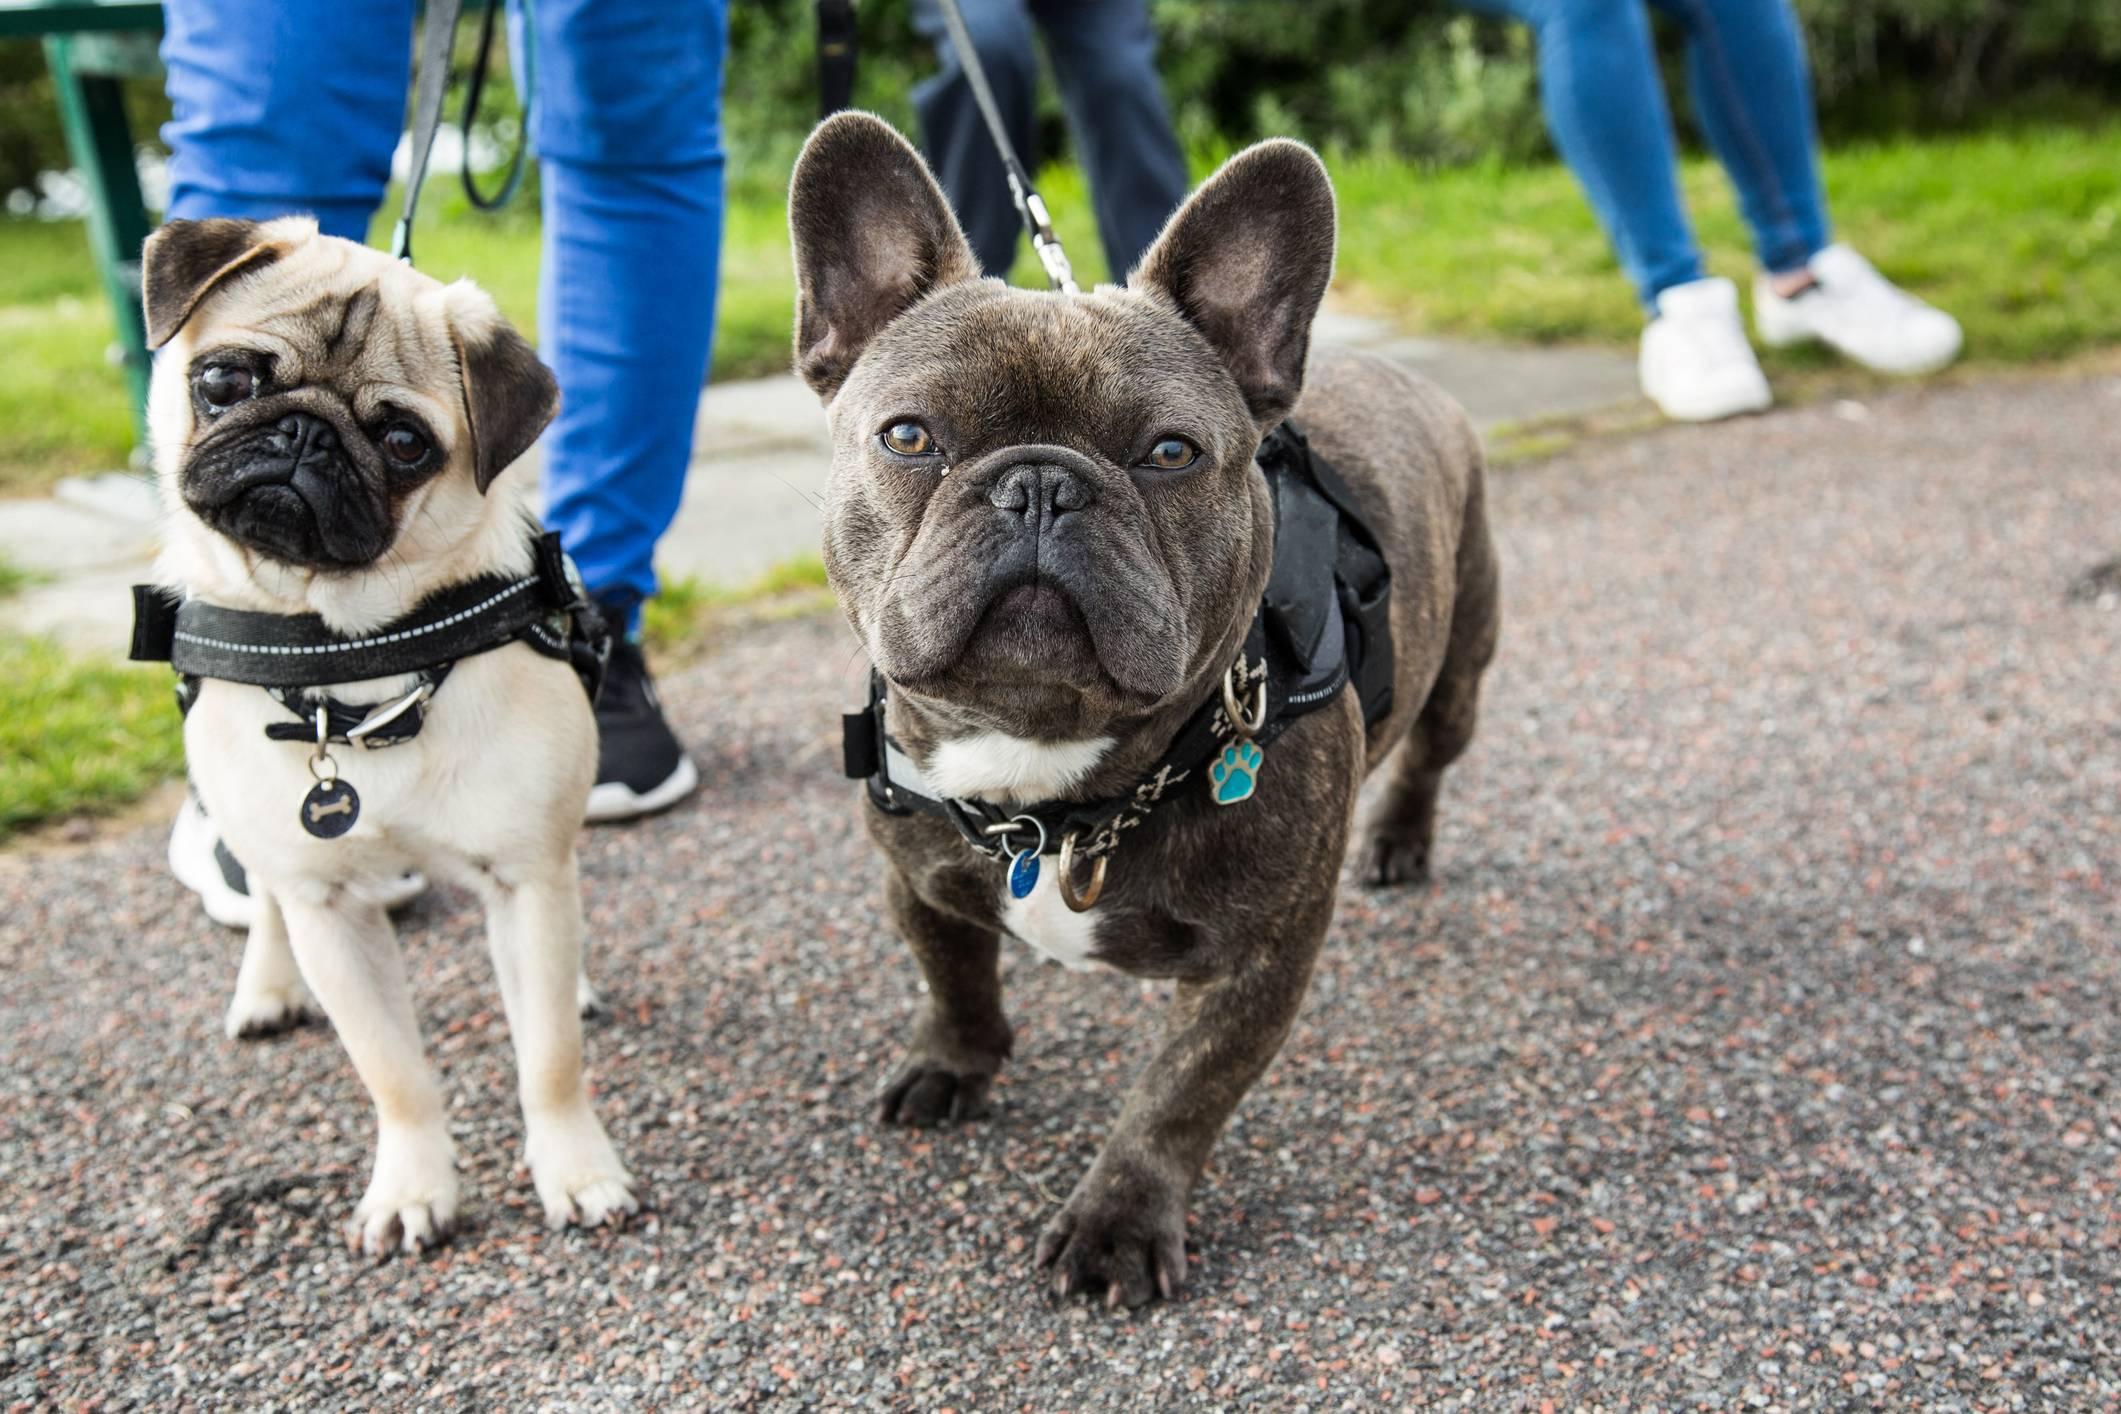 Бостон-терьер и французский бульдог: отличия собак в характере и окрасе, и кого выбрать в качестве домашнего любимца